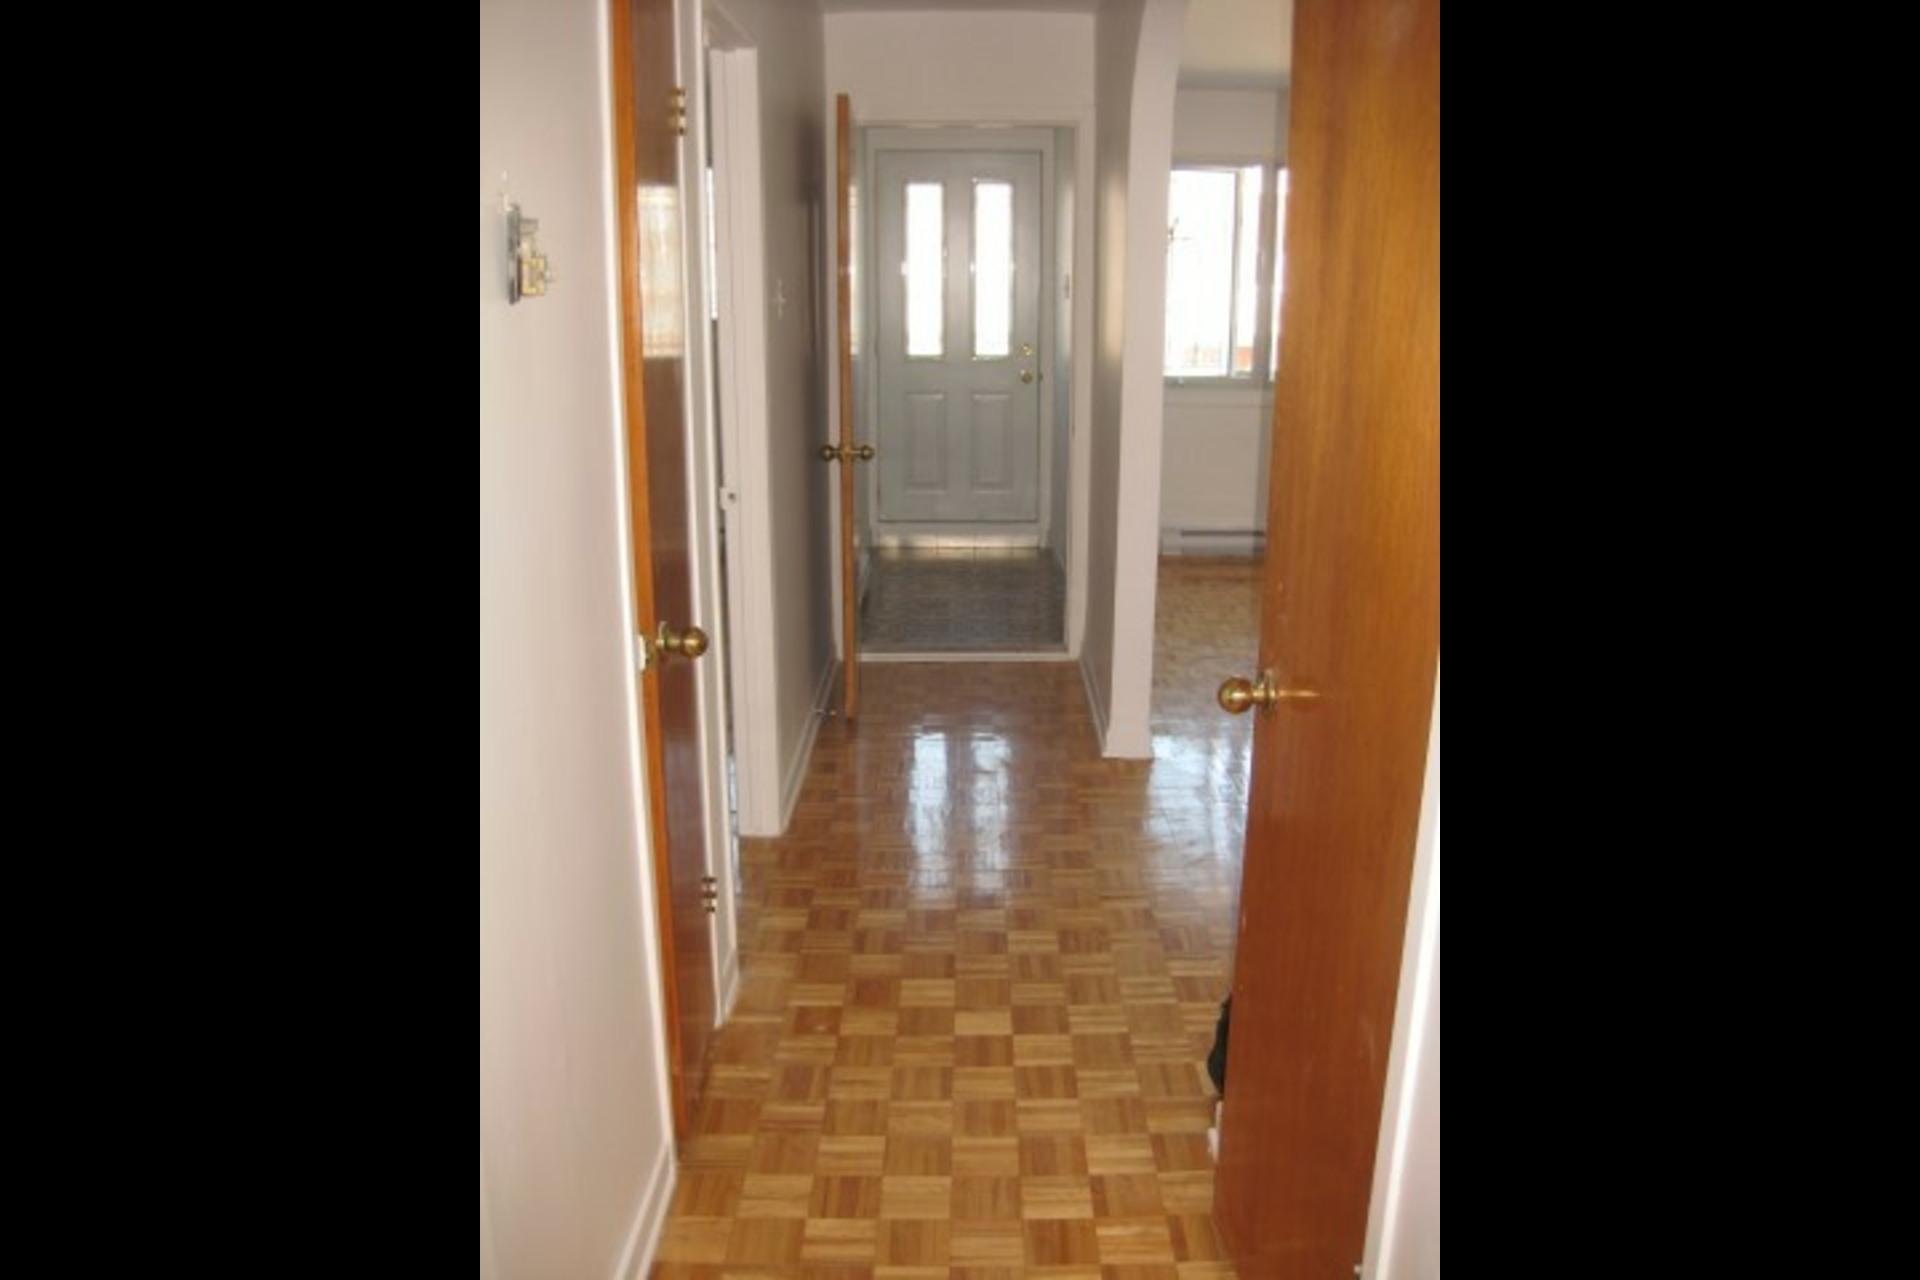 image 9 - Appartement À louer Montréal Saint-Leonard - 4 pièces